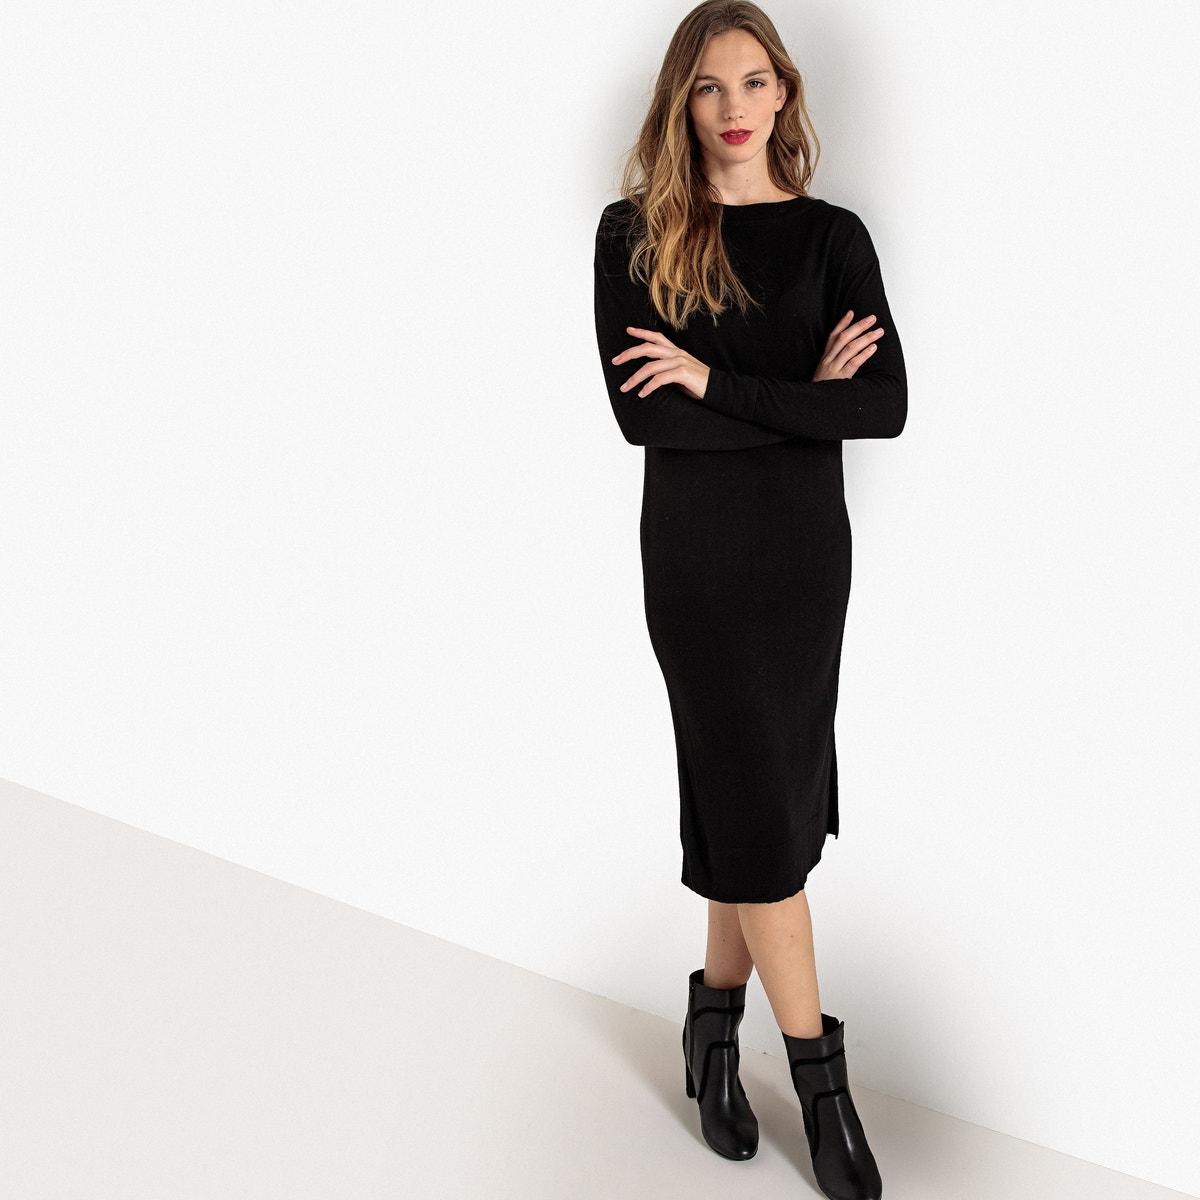 Μακρυμάνικο μίντι φόρεμα σε ίσια γραμμή γυναικα   φορέματα   μακριά ή 3 4 μανίκια